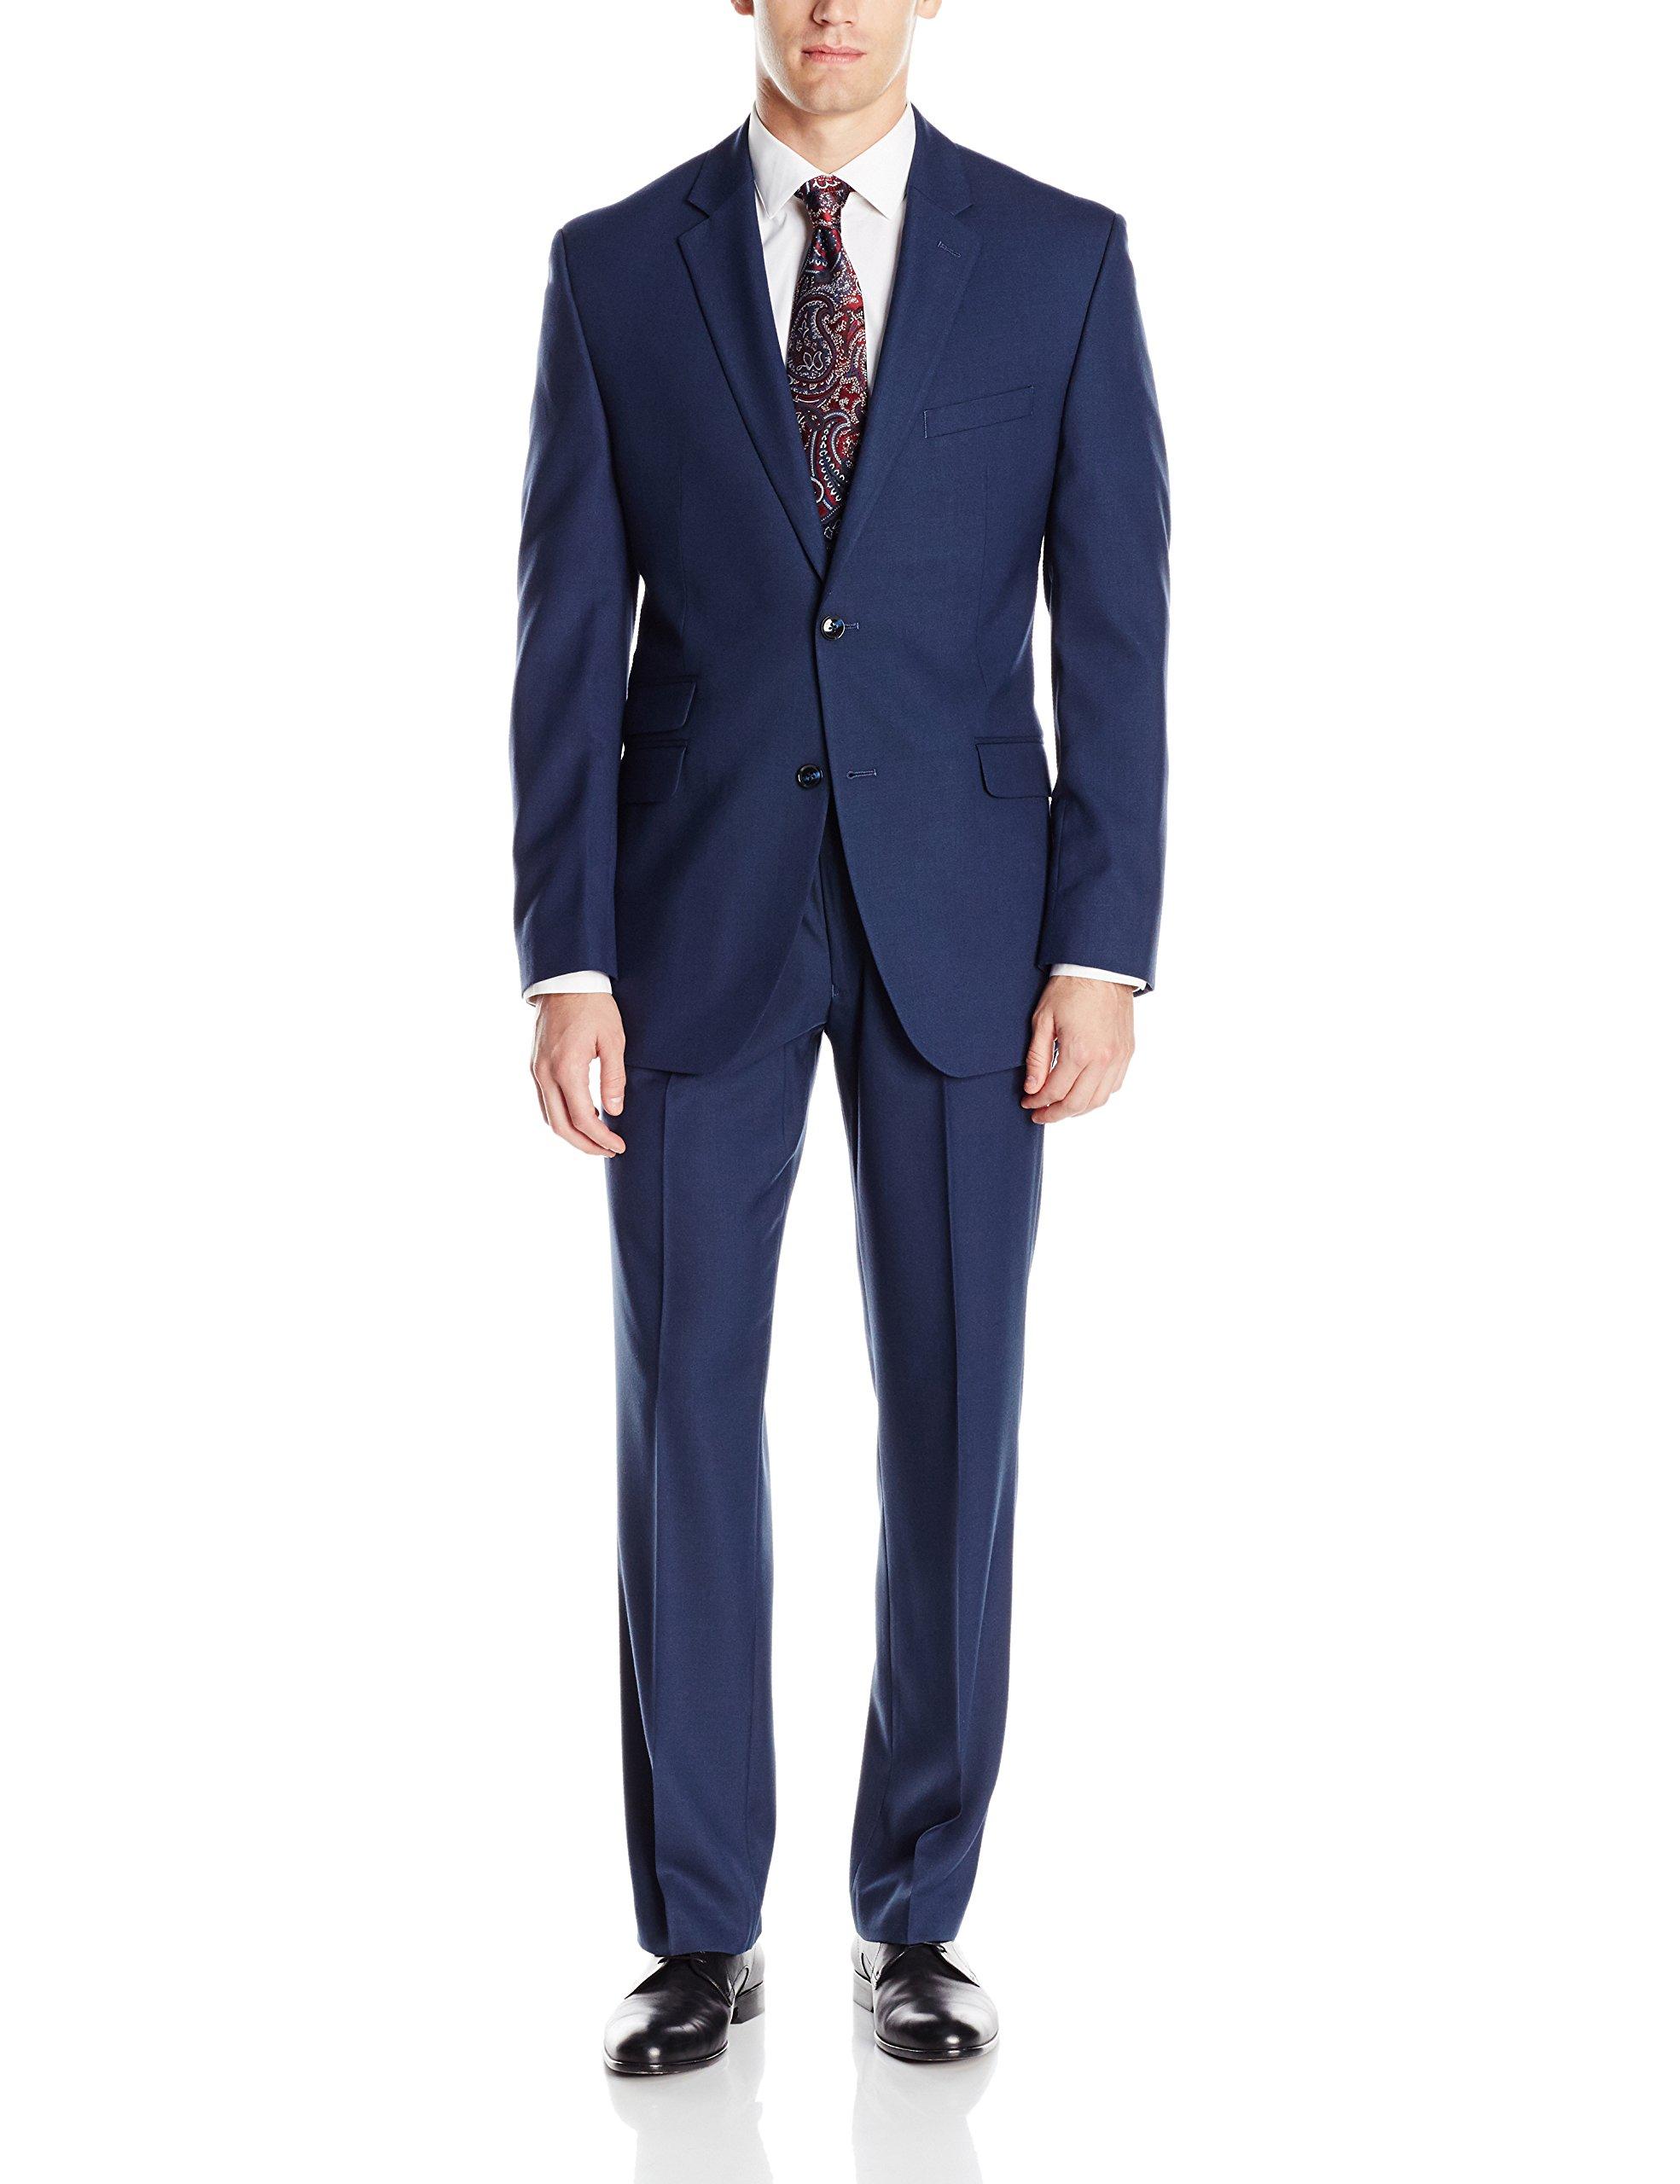 Perry Ellis Men's Slim Fit Suit With Hemmed Pant, Blue, 38 Short by Perry Ellis